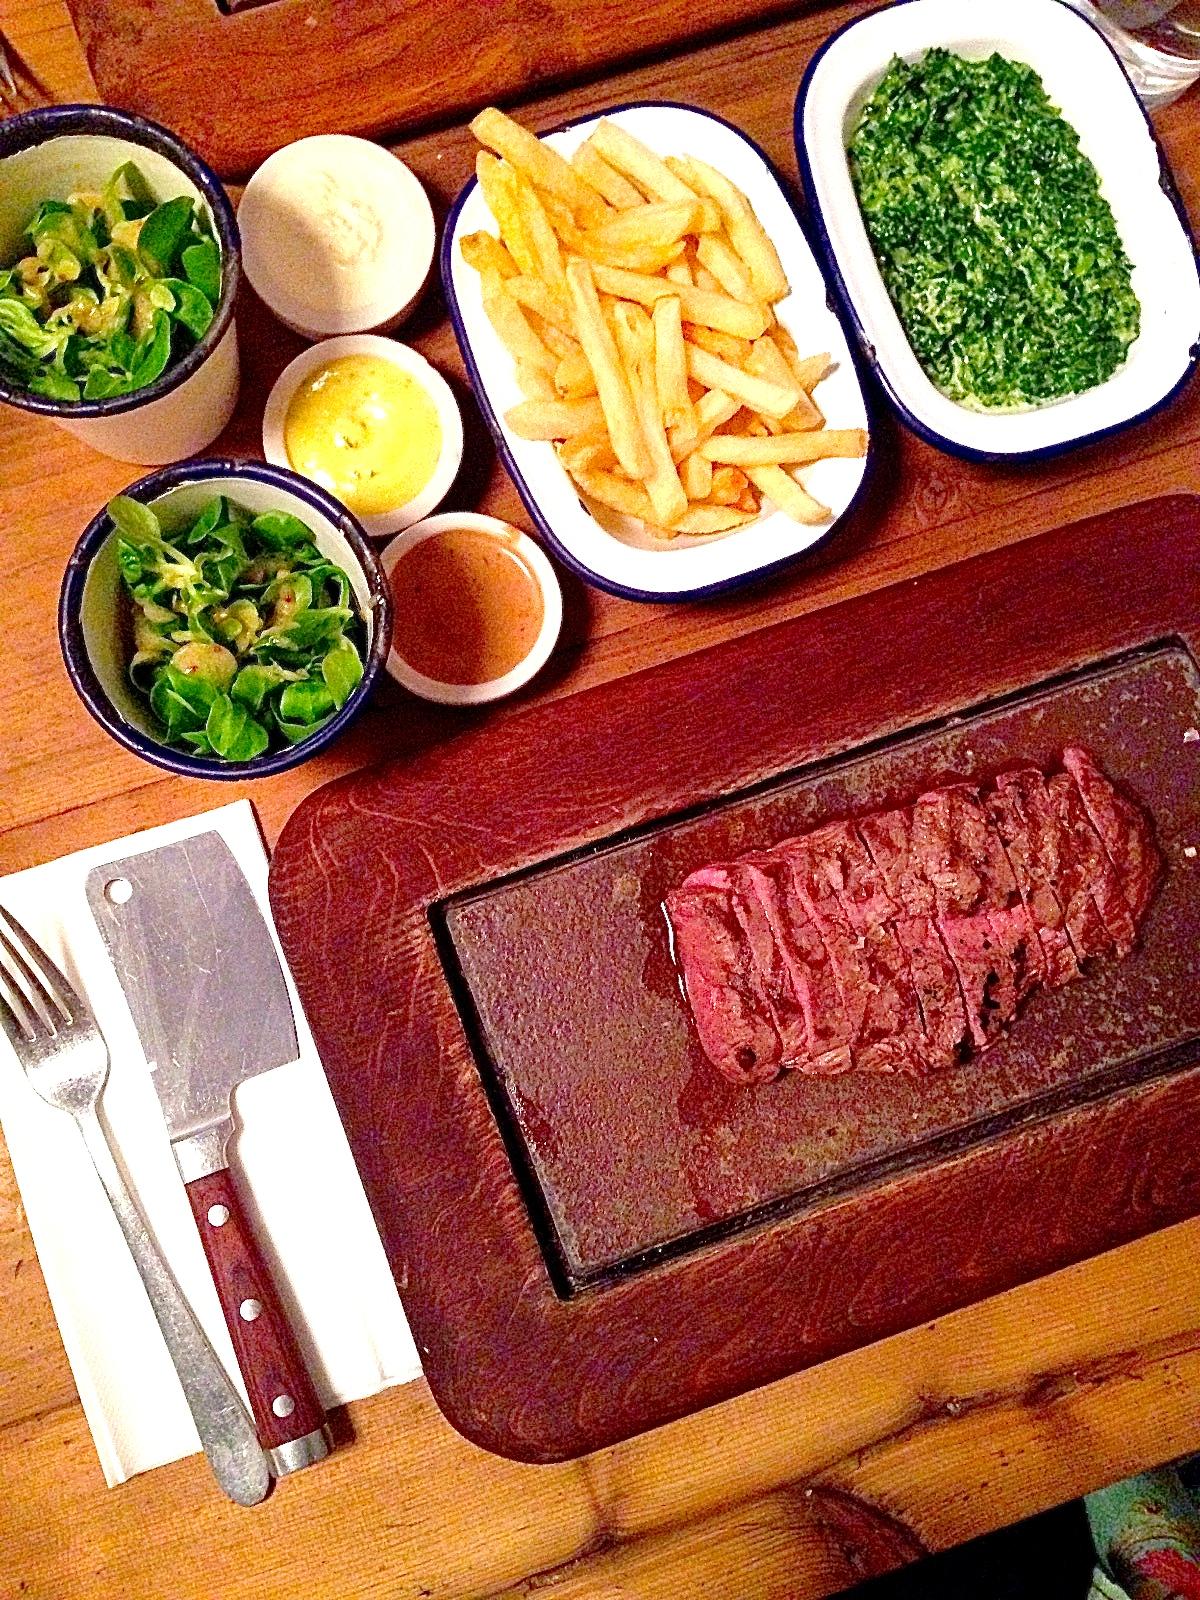 Flat Iron Steak 美味牛排店   安錐亞啾愛倫敦 London Heart